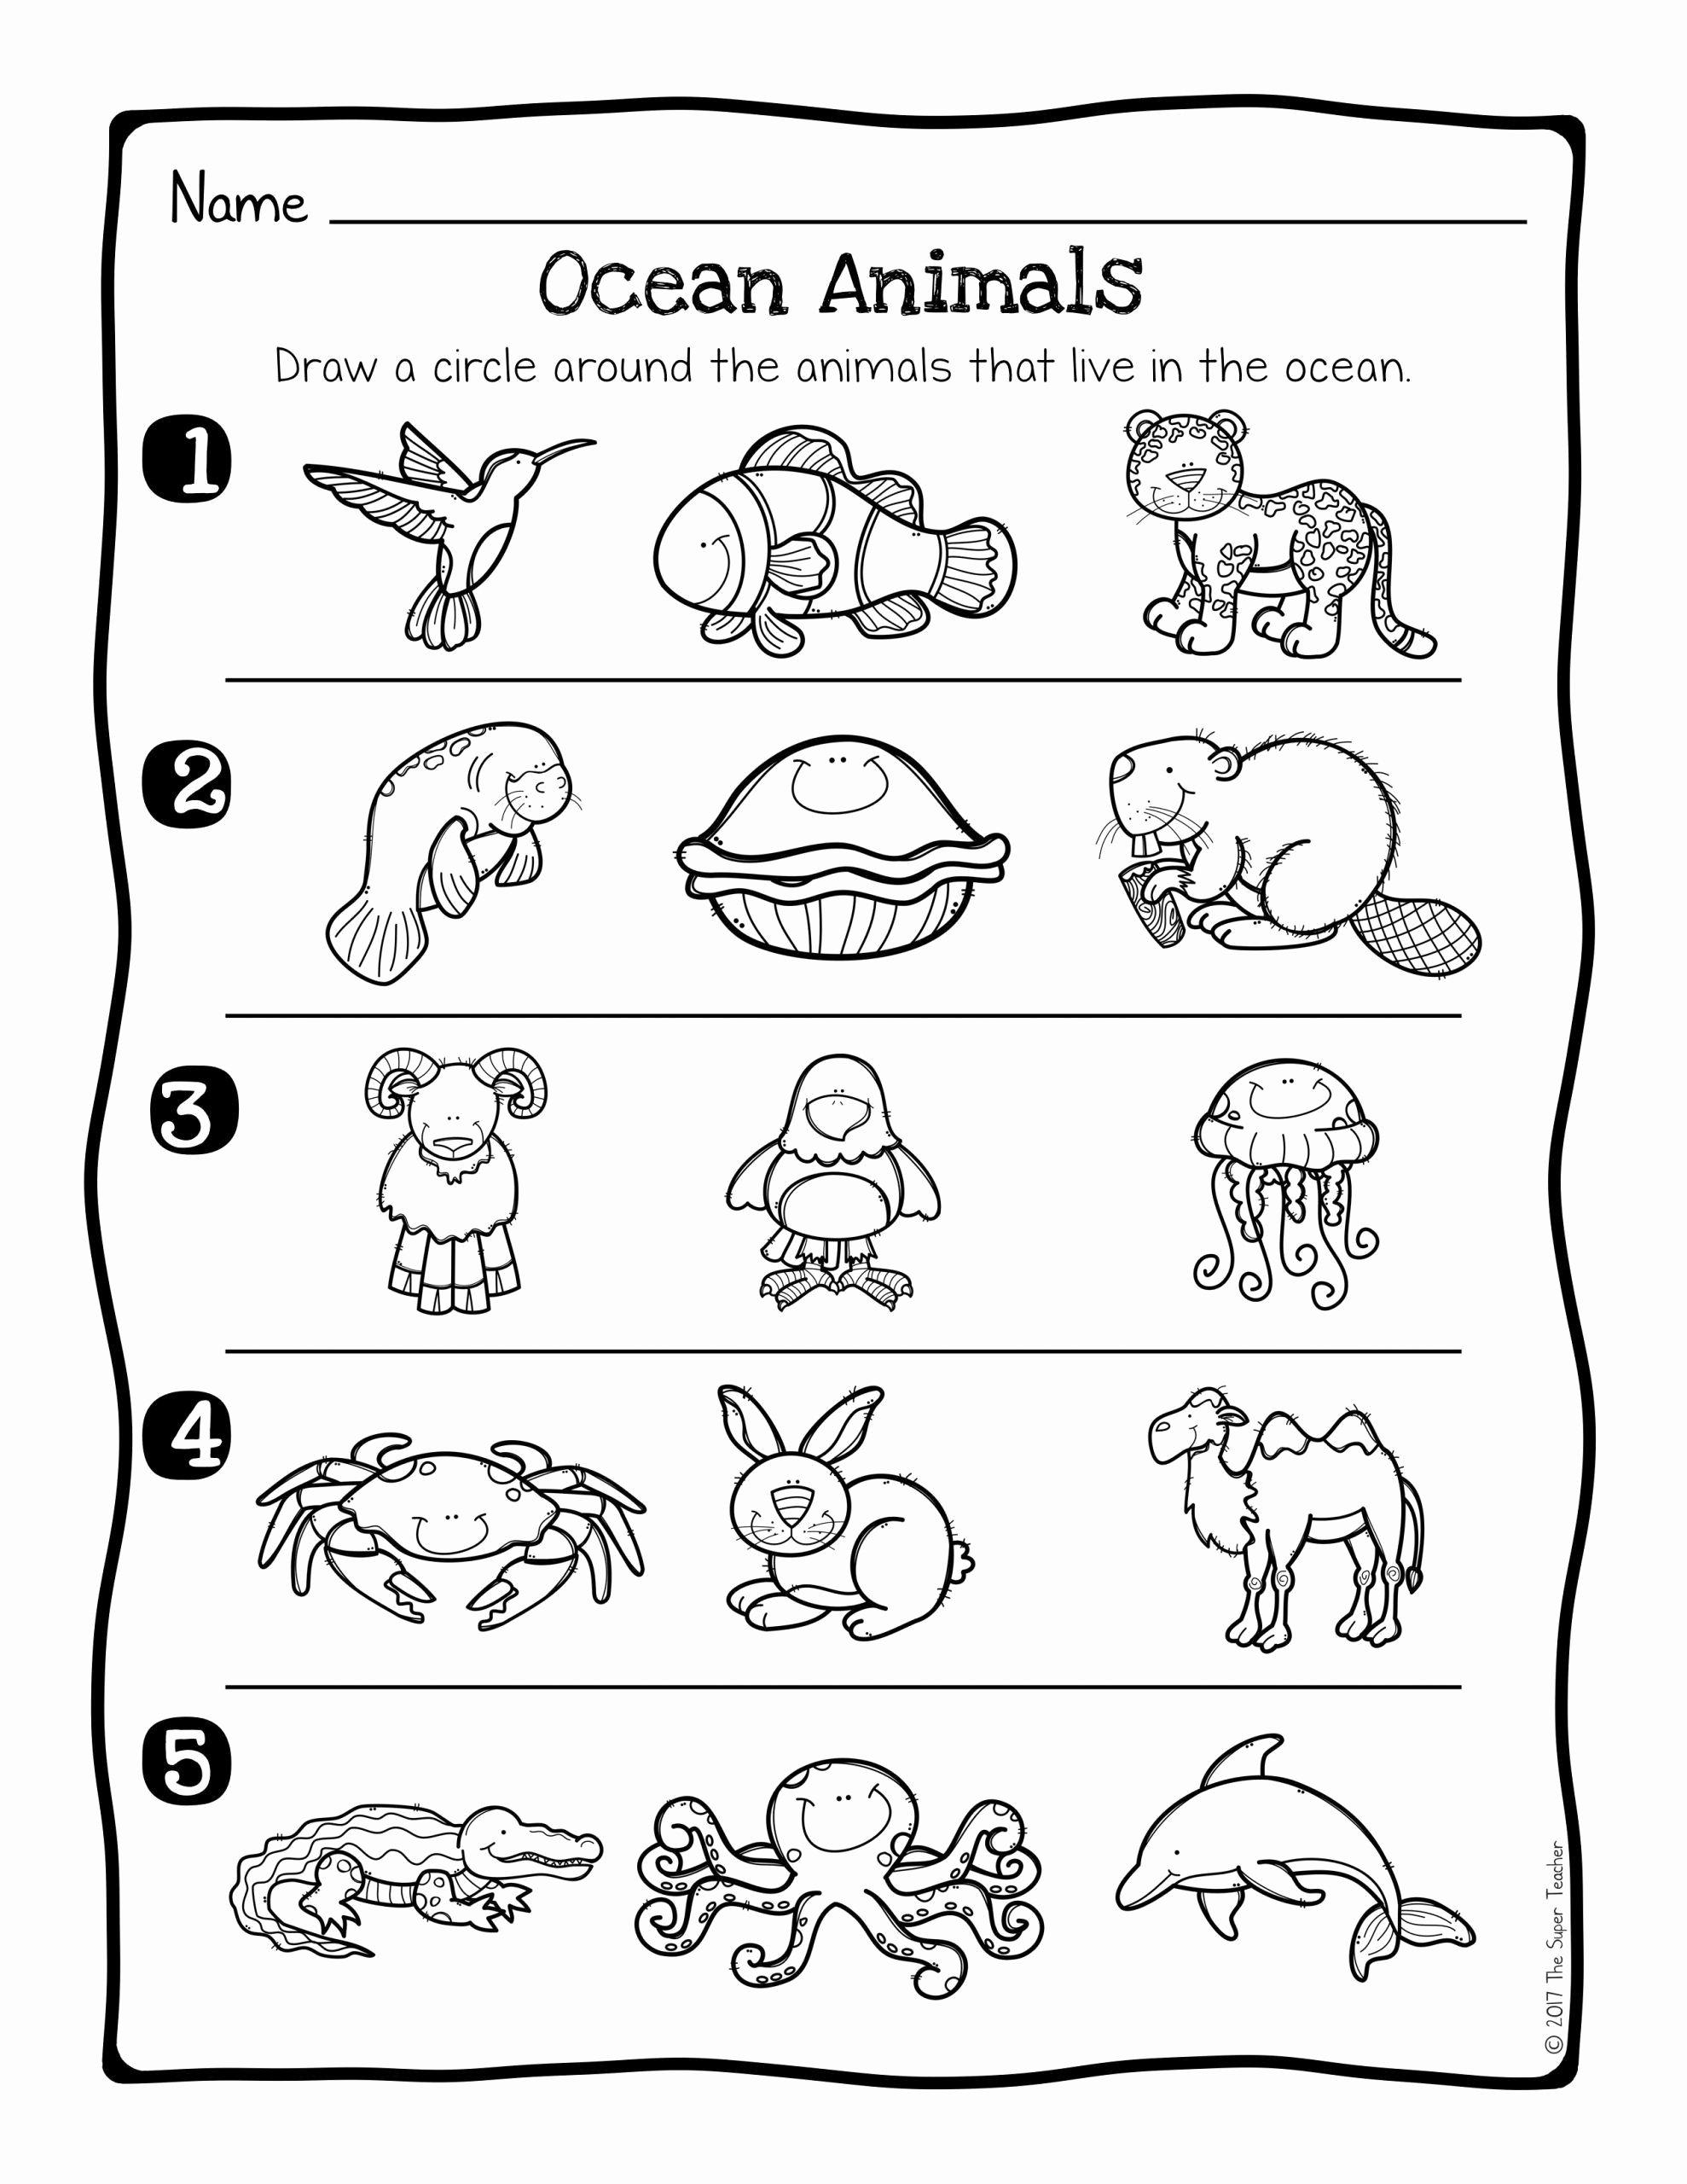 Sea Creatures Worksheets For Preschoolers